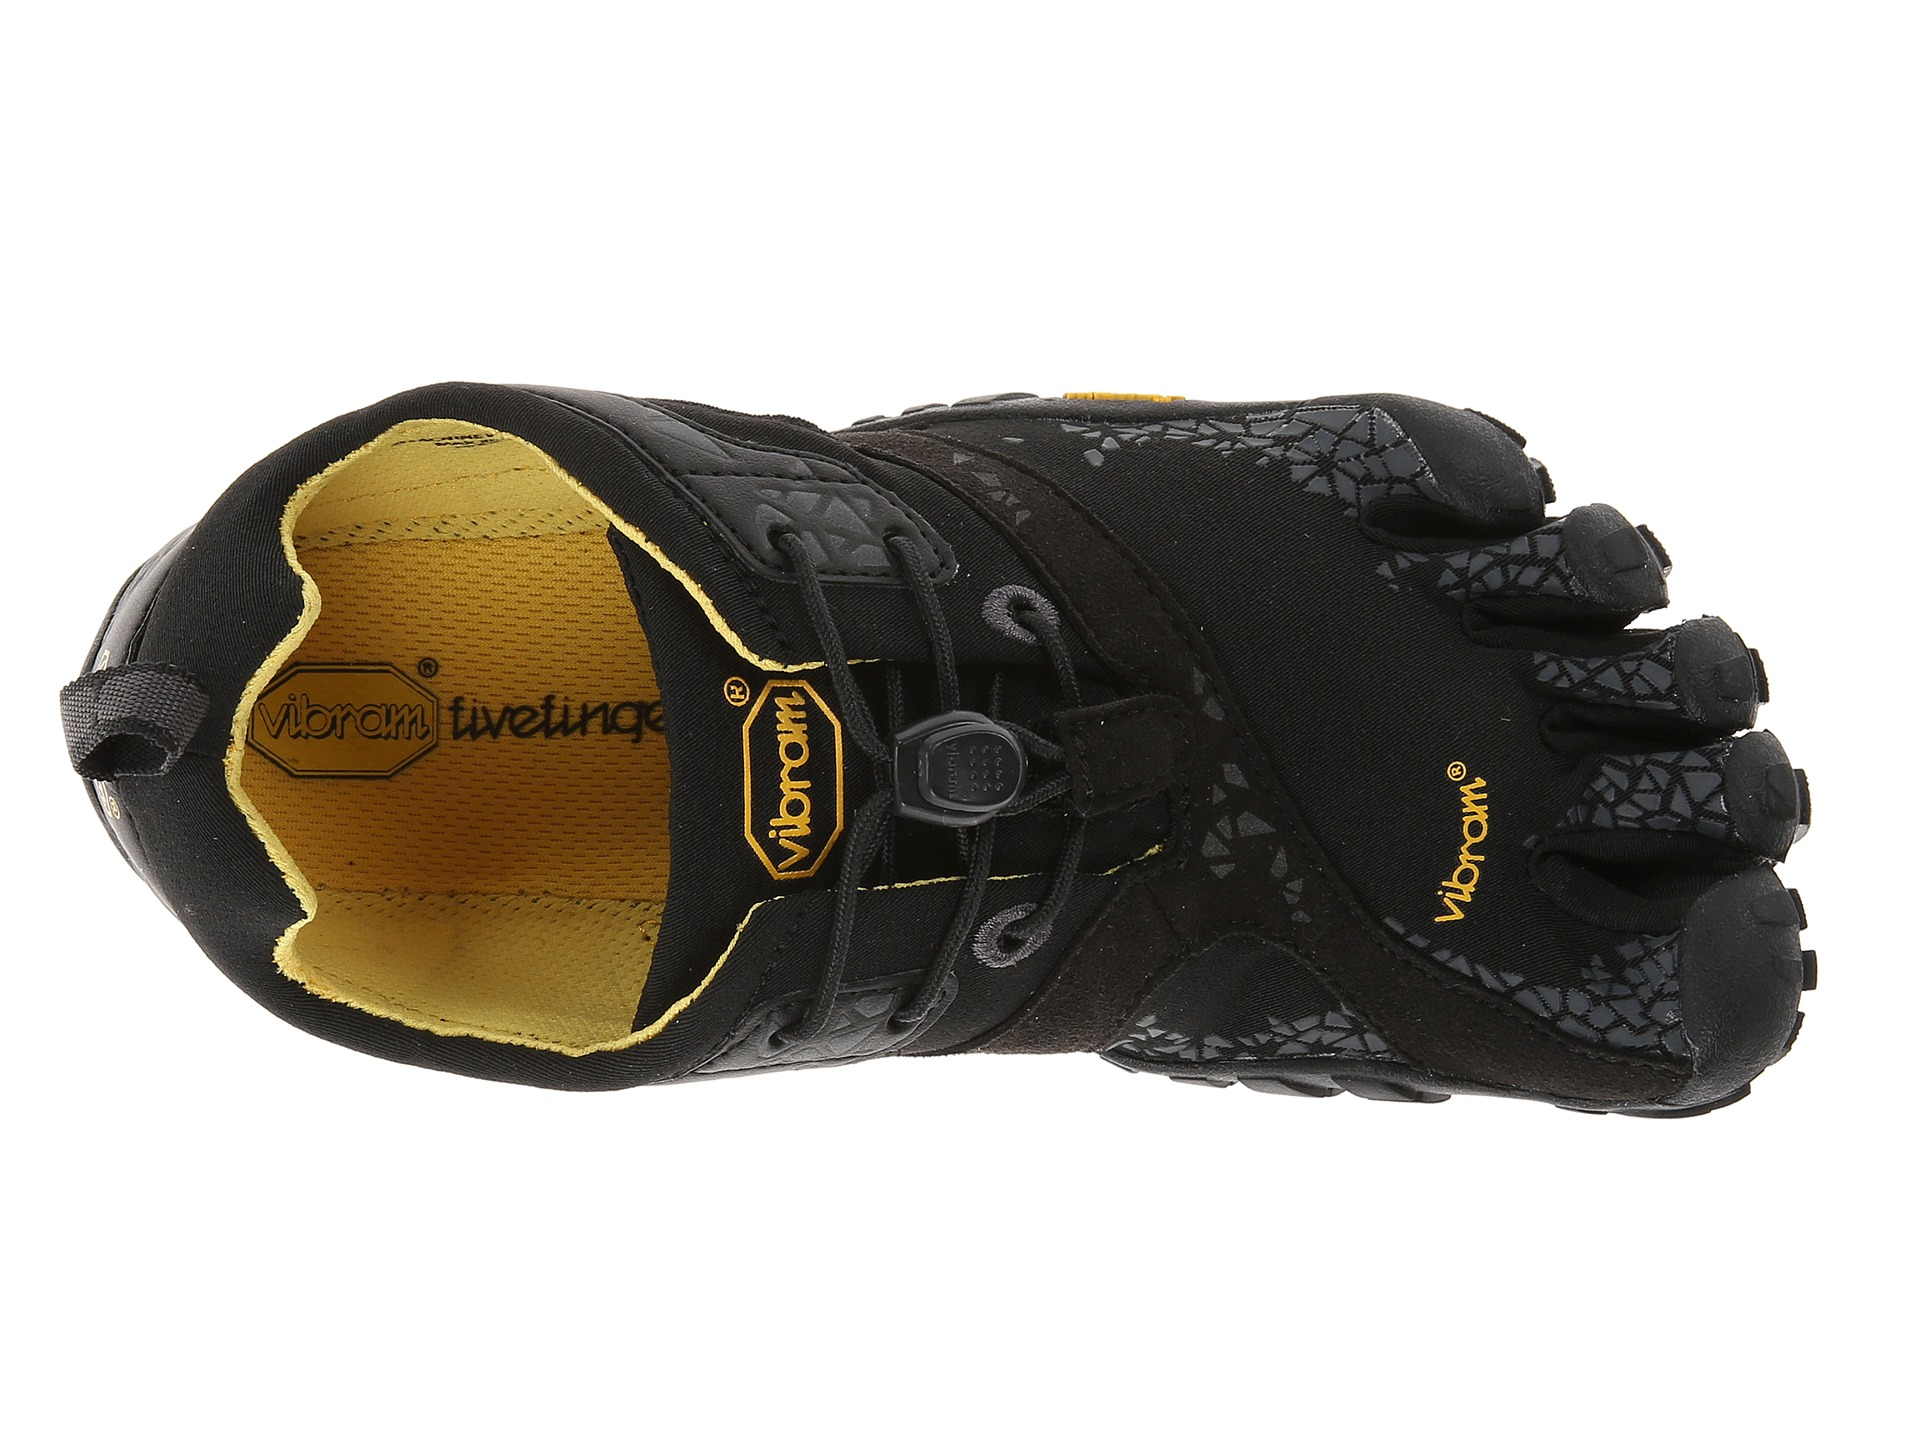 d3c667d6 Самые легкие кроссовки puma. Интернет-магазин качественной брендовой ...